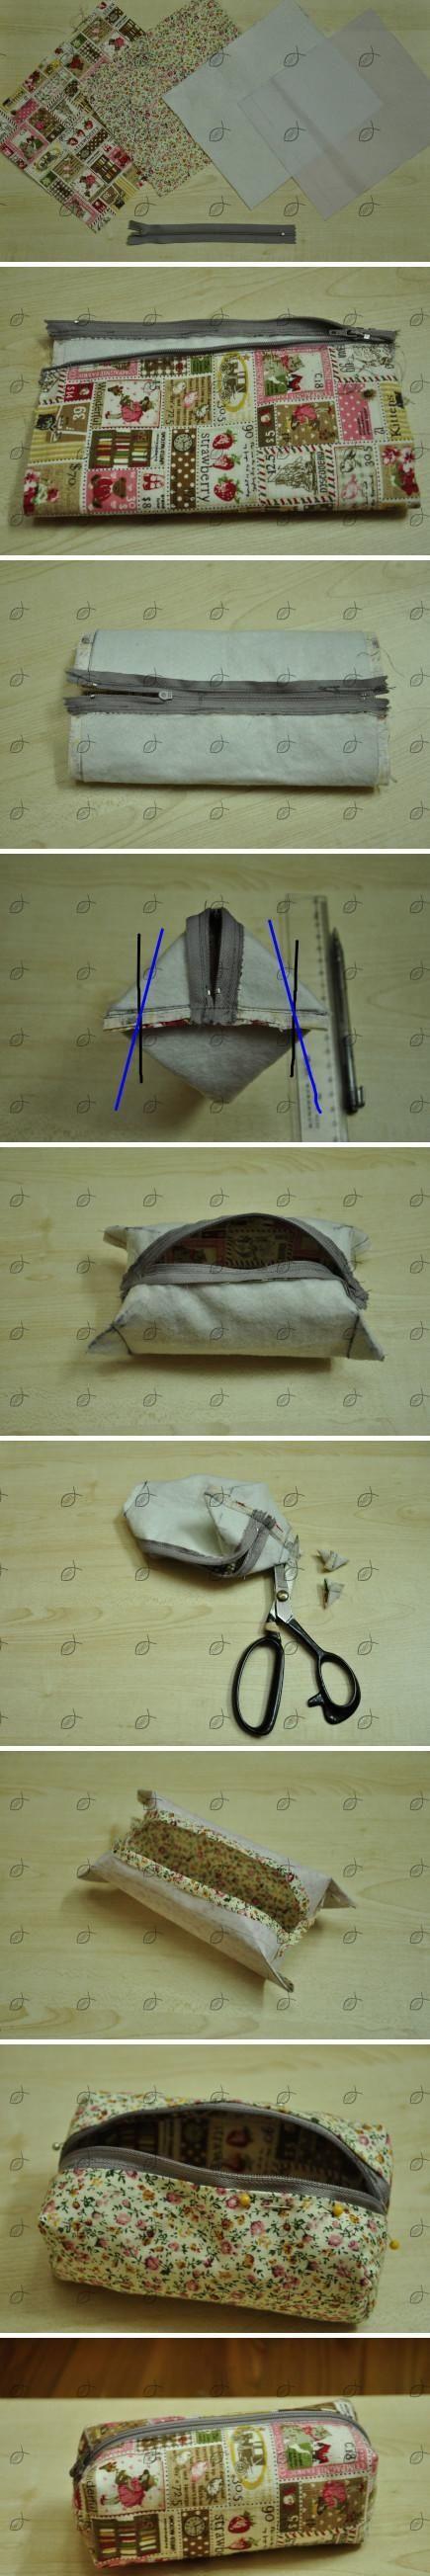 Bolsas de Cosméticos also pueden, estuche, bolso you can.  Mejor funcionamiento de la Máquina de coser, Más Sólida, cosido a mano, y LUEGO de refuerzo.  De Amigos de azúcar: Una albóndiga Grupo]